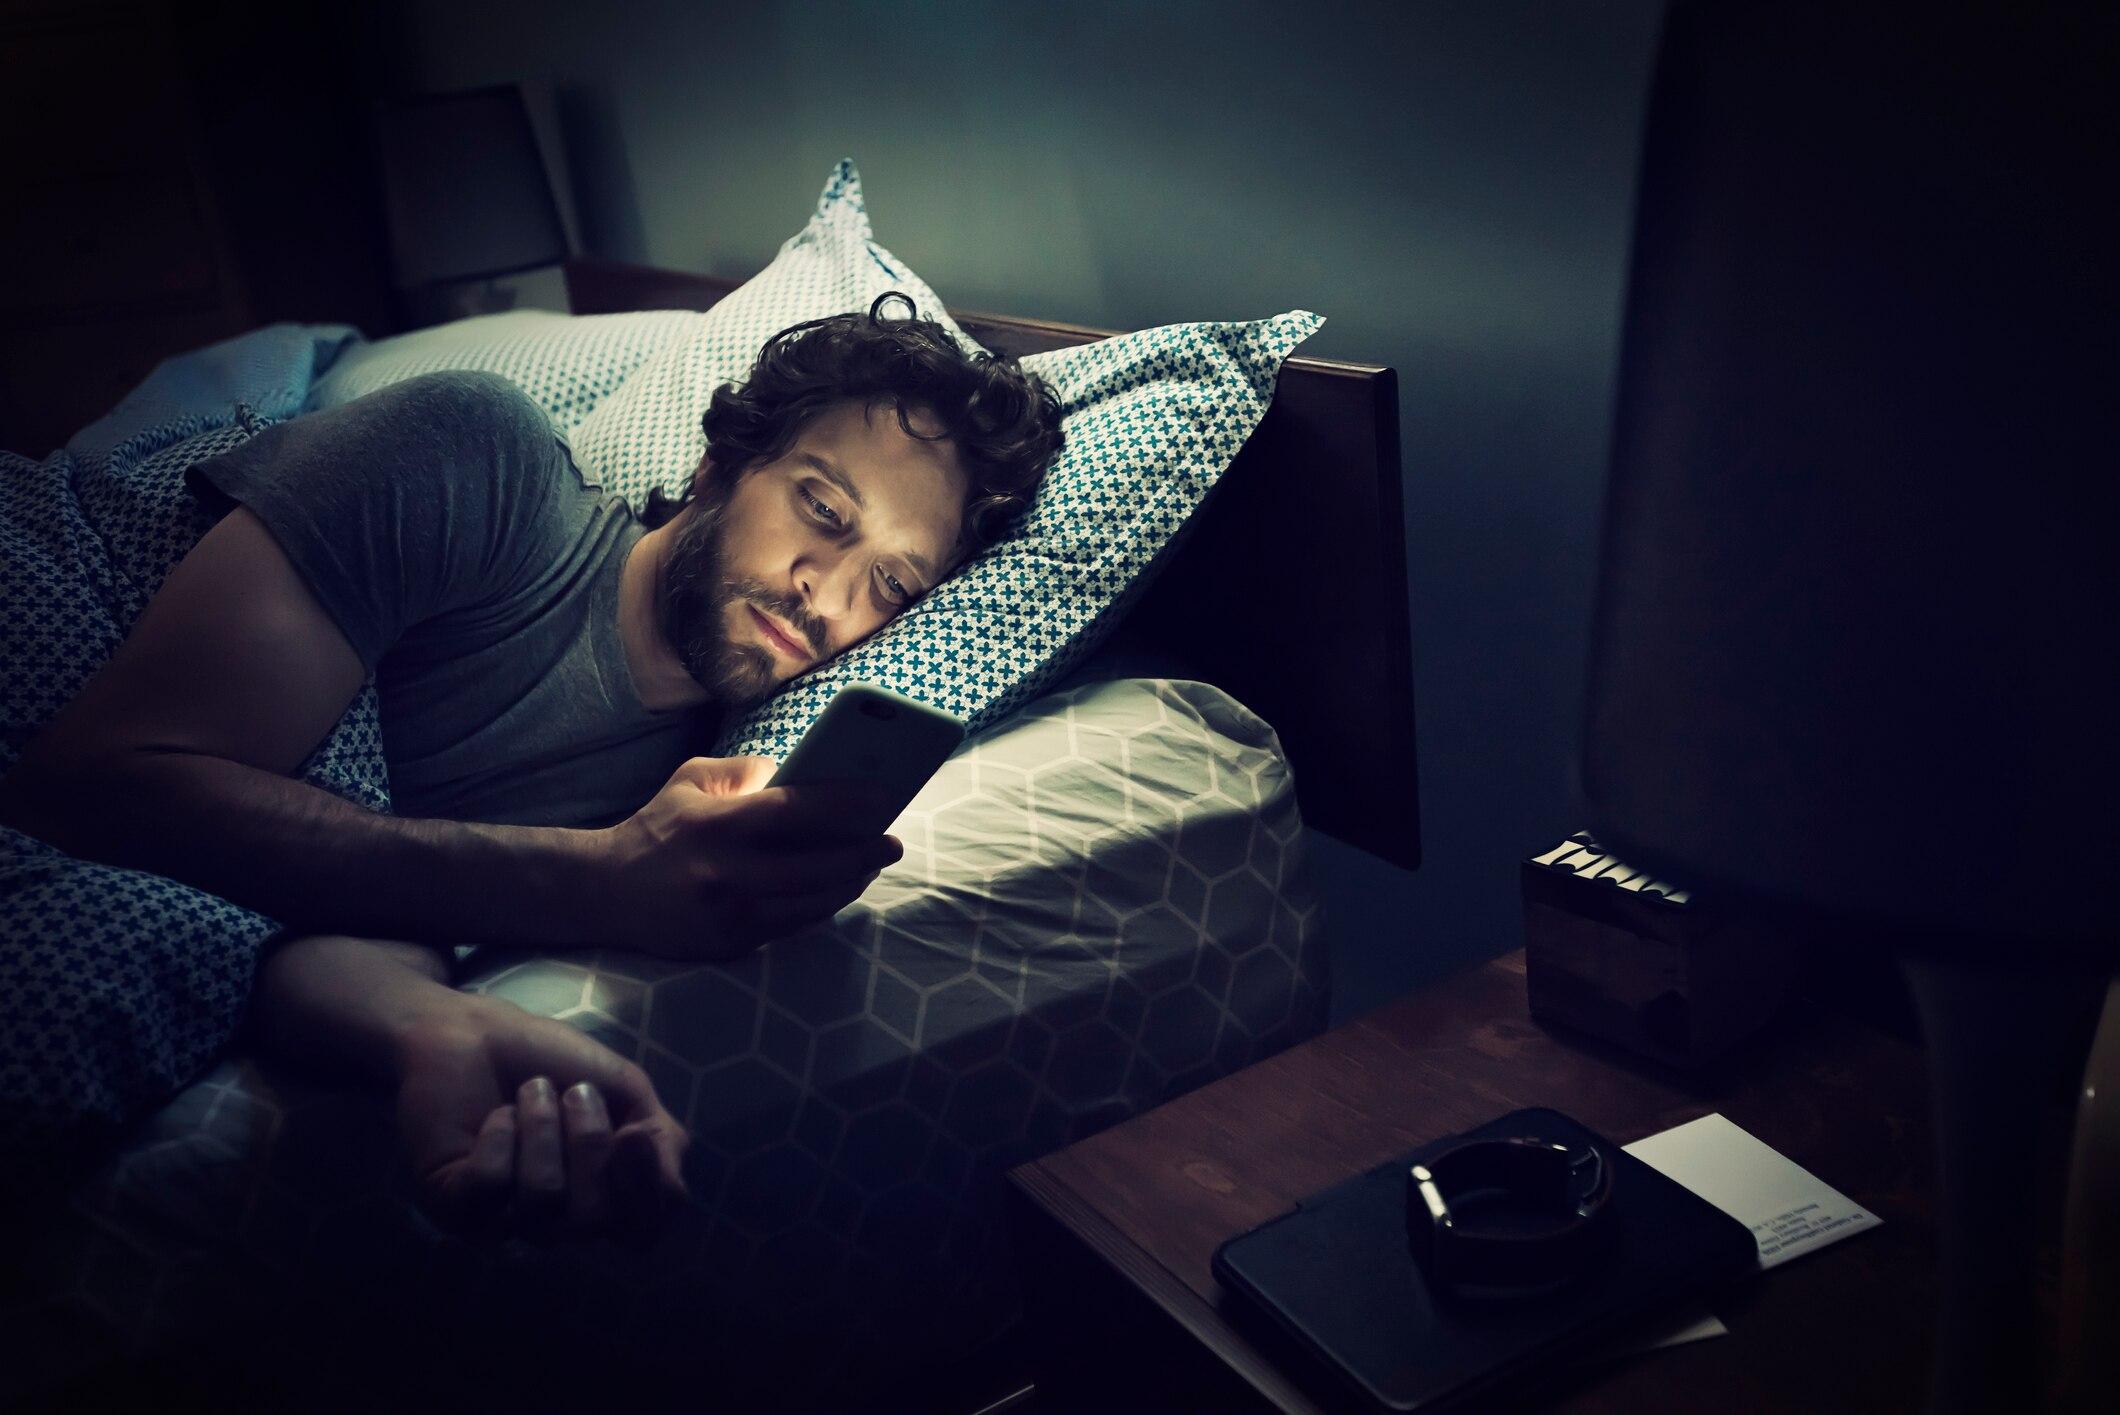 Stören Smartphones unseren Schlaf?